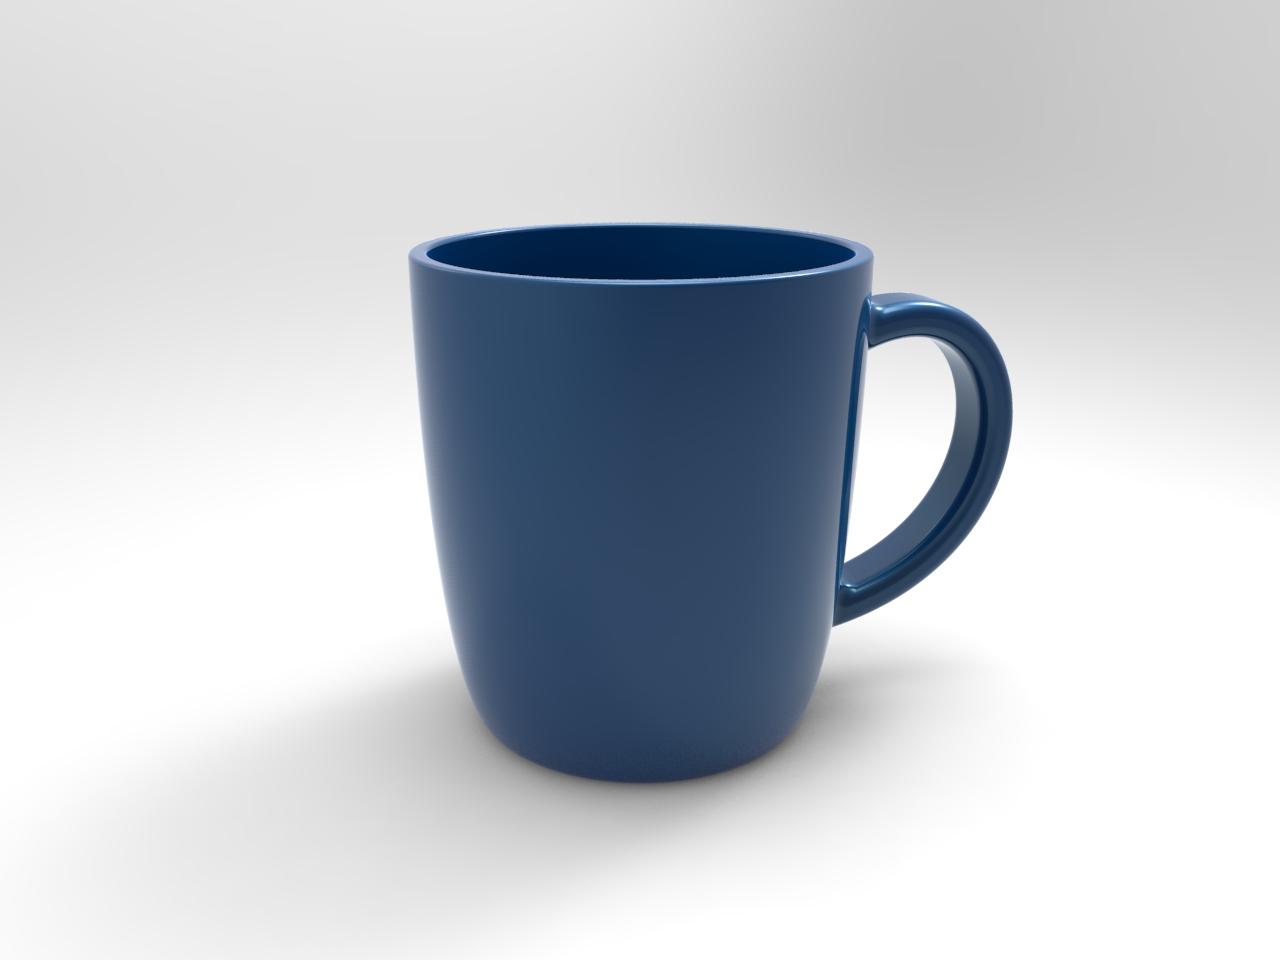 一个蓝色咖啡杯设计模型【solidworks 2019】.rar